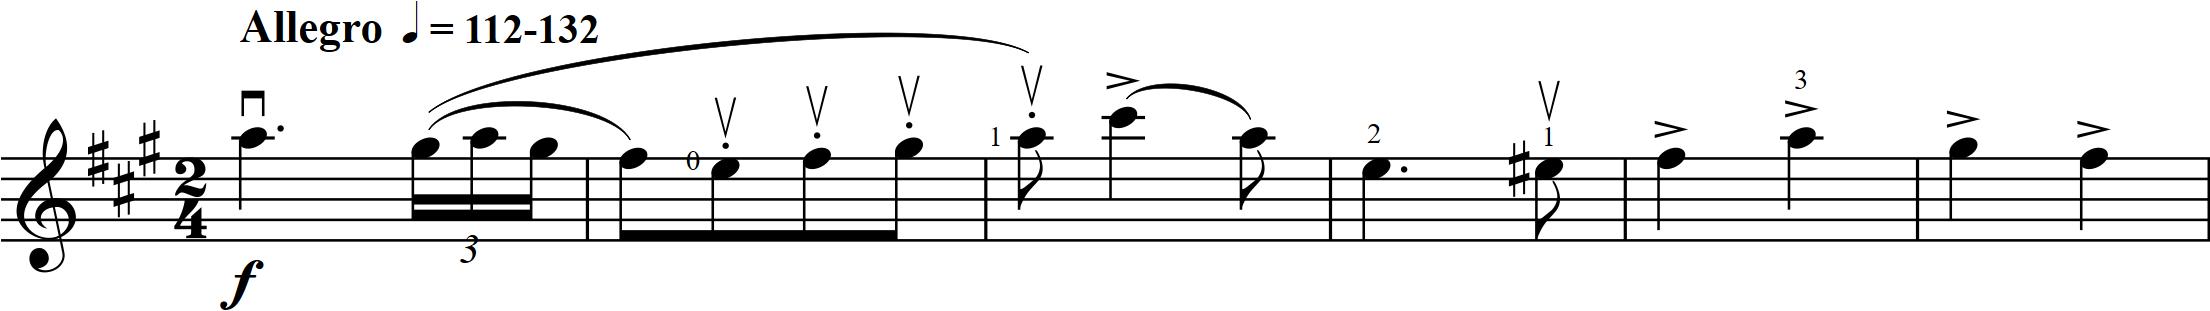 G6 Nölck - Hungarian Dance - 1-6 vln